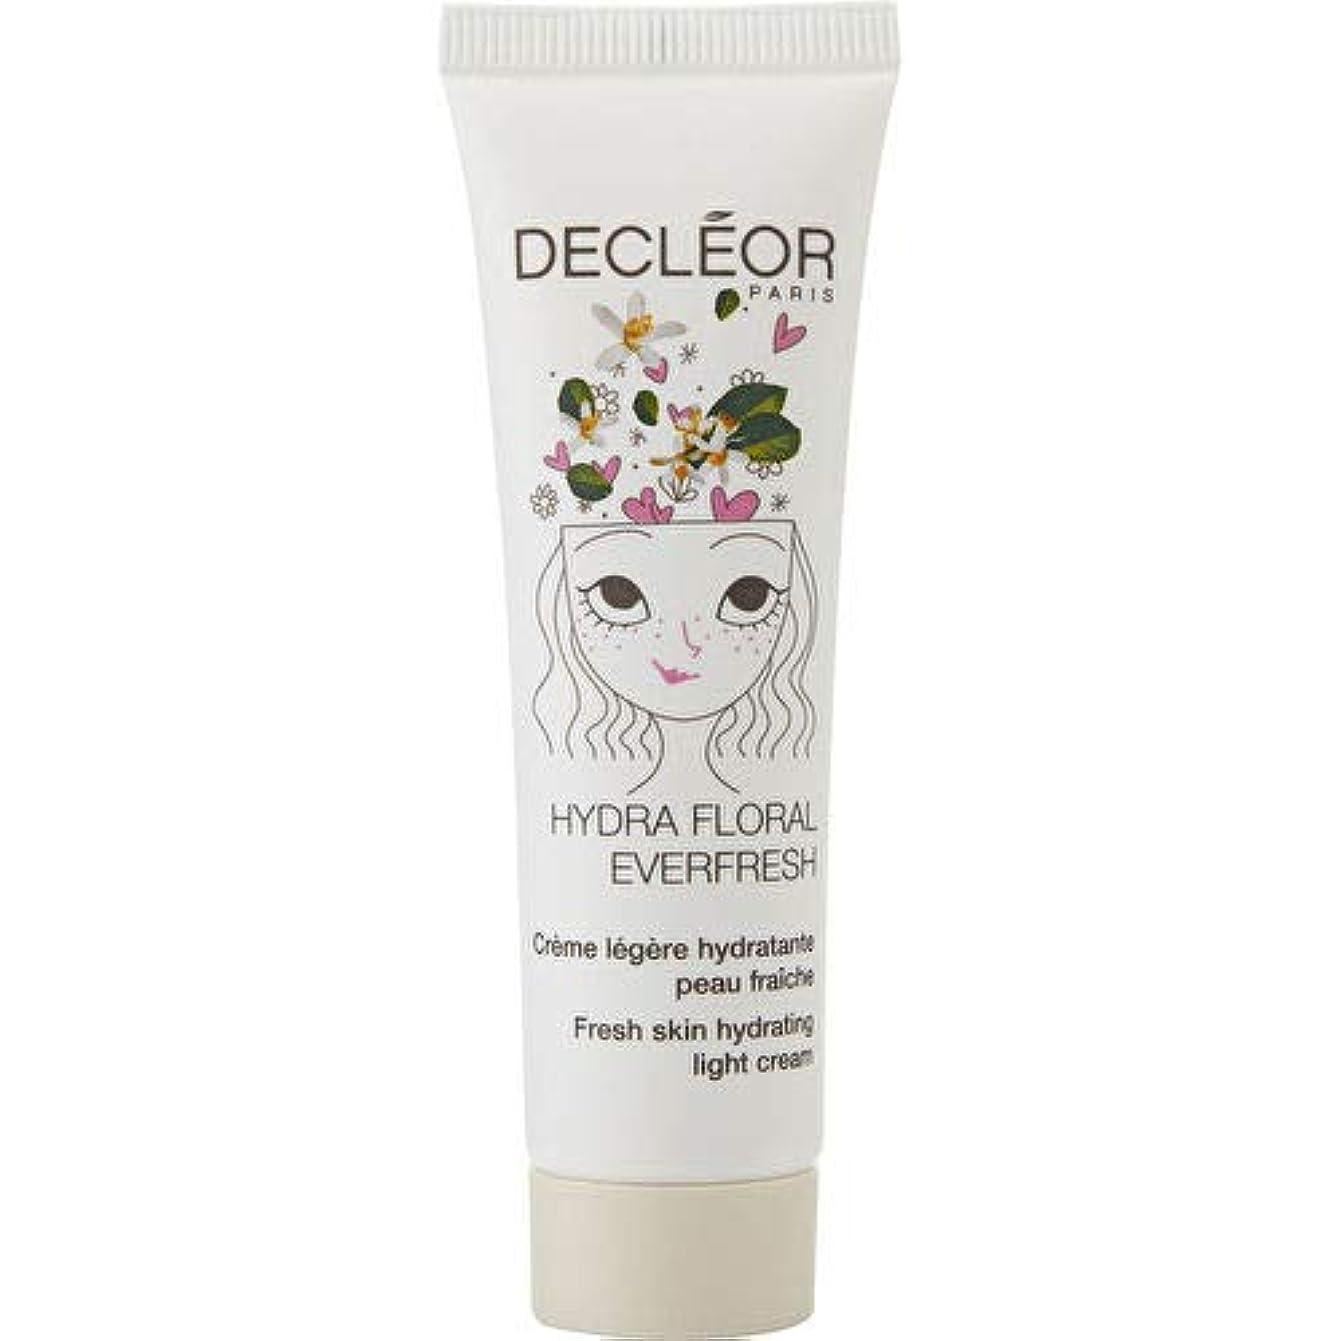 補助金モニカホットデクレオール Hydra Floral Everfresh Fresh Skin Hydrating Light Cream - For Dehydrated Skin 30ml/1oz並行輸入品